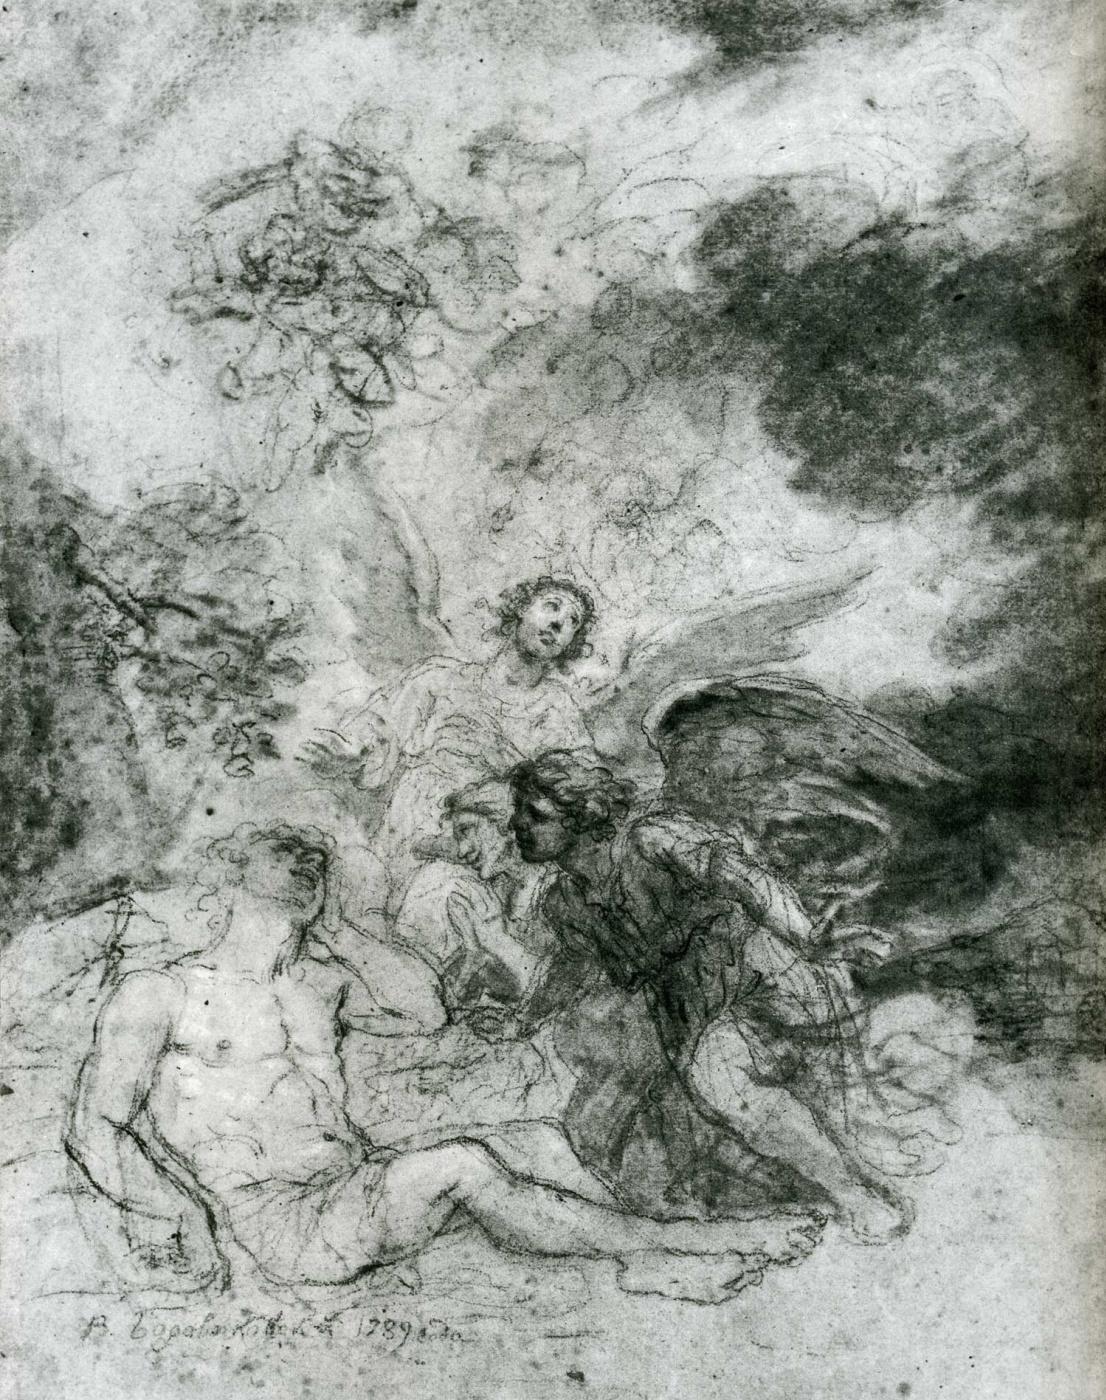 Vladimir Borovikovsky. Jacob's Dream